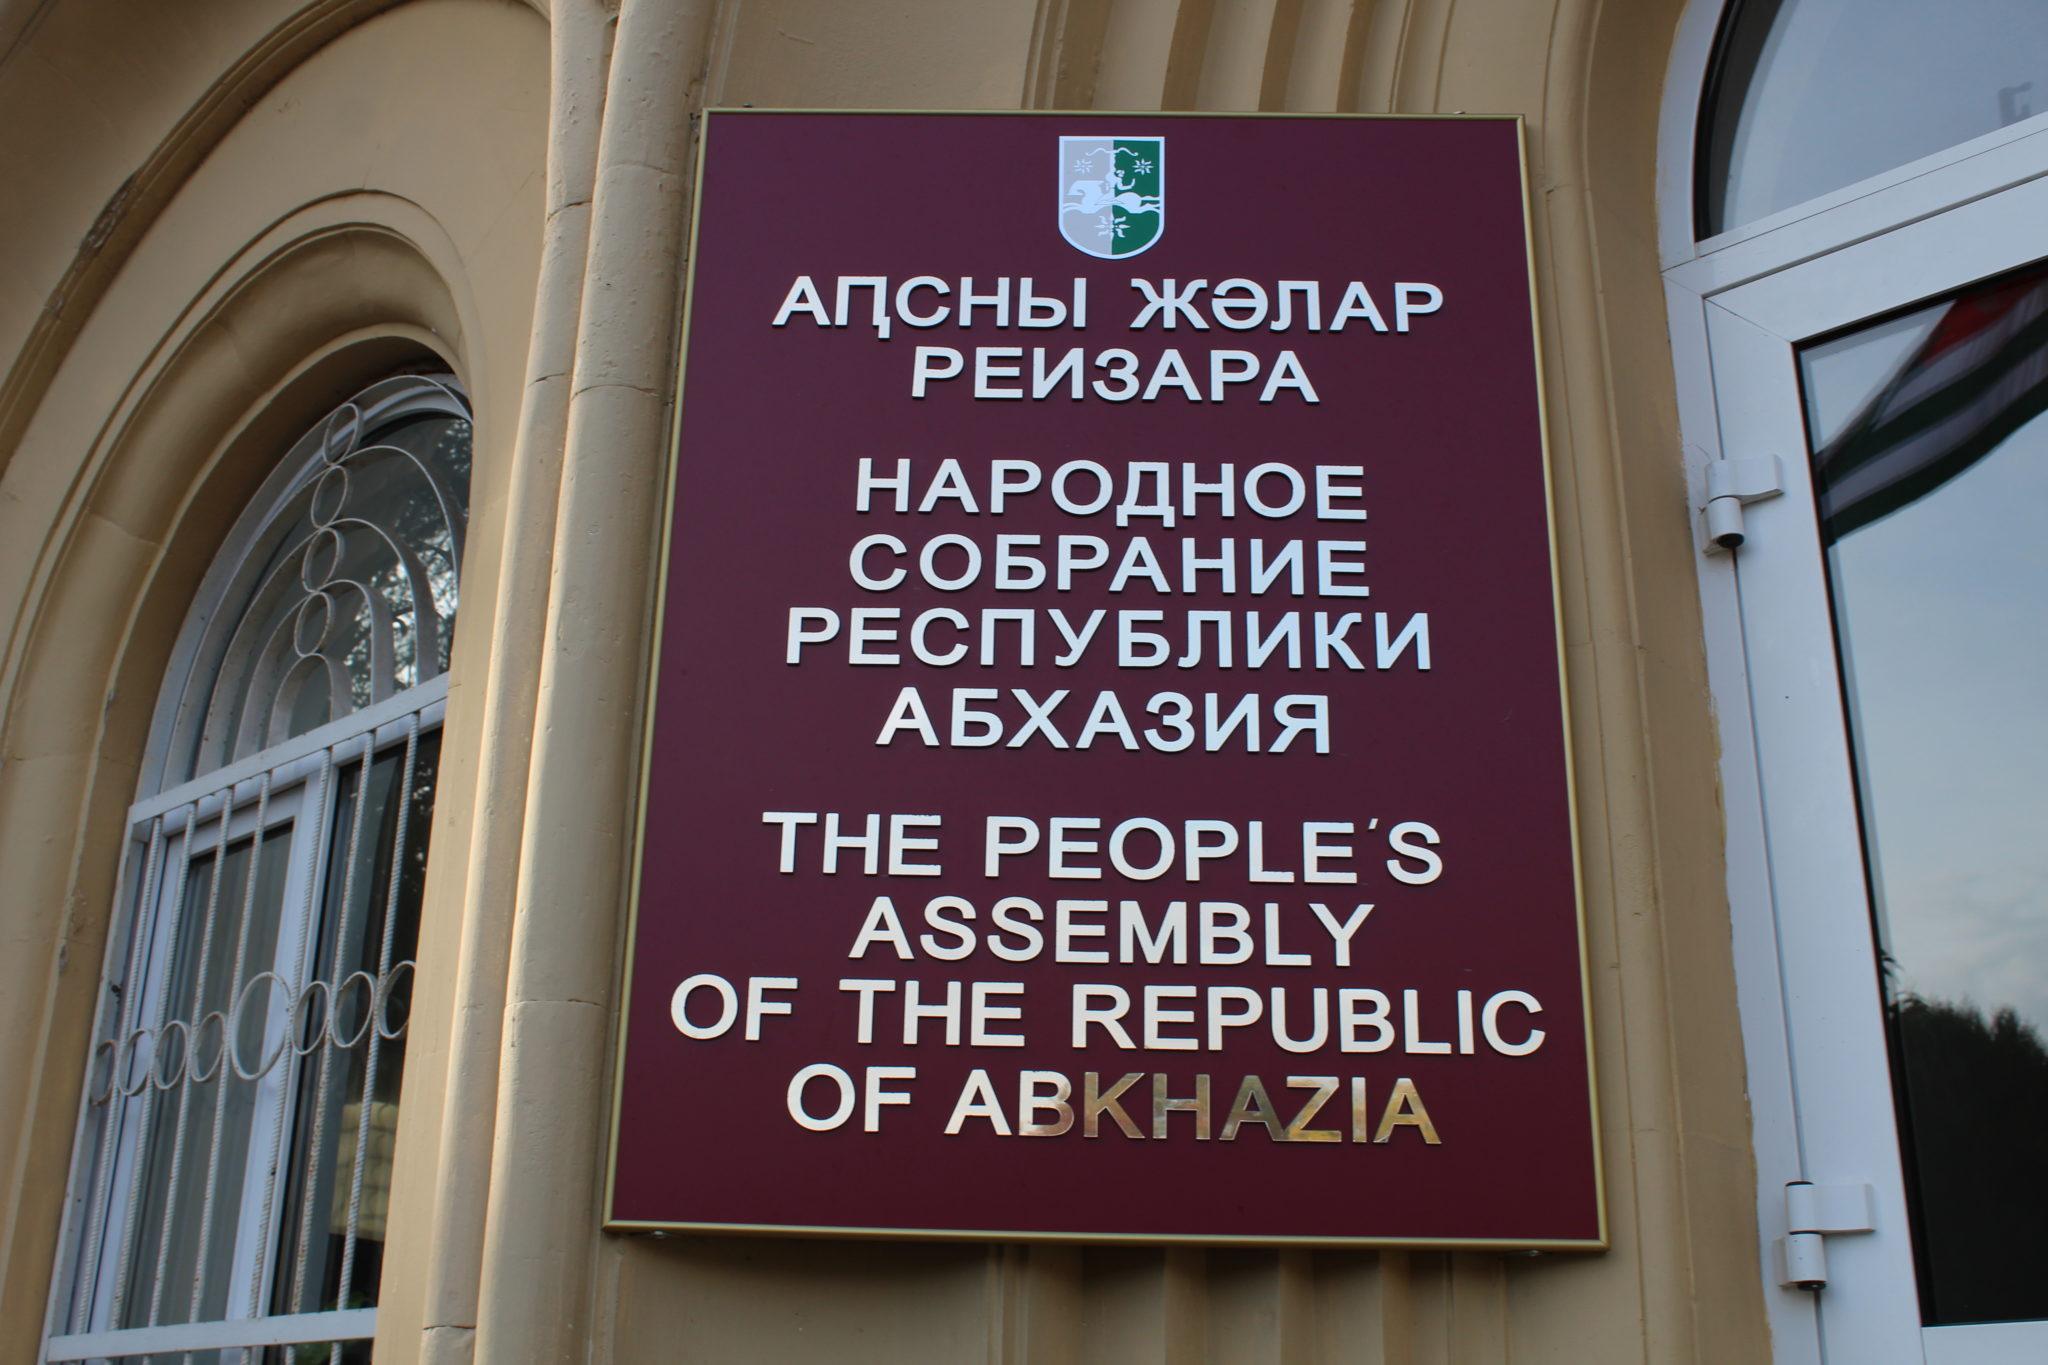 de facto parliament of Abkhazia #новости Абхазия, российская оккупация в Грузии